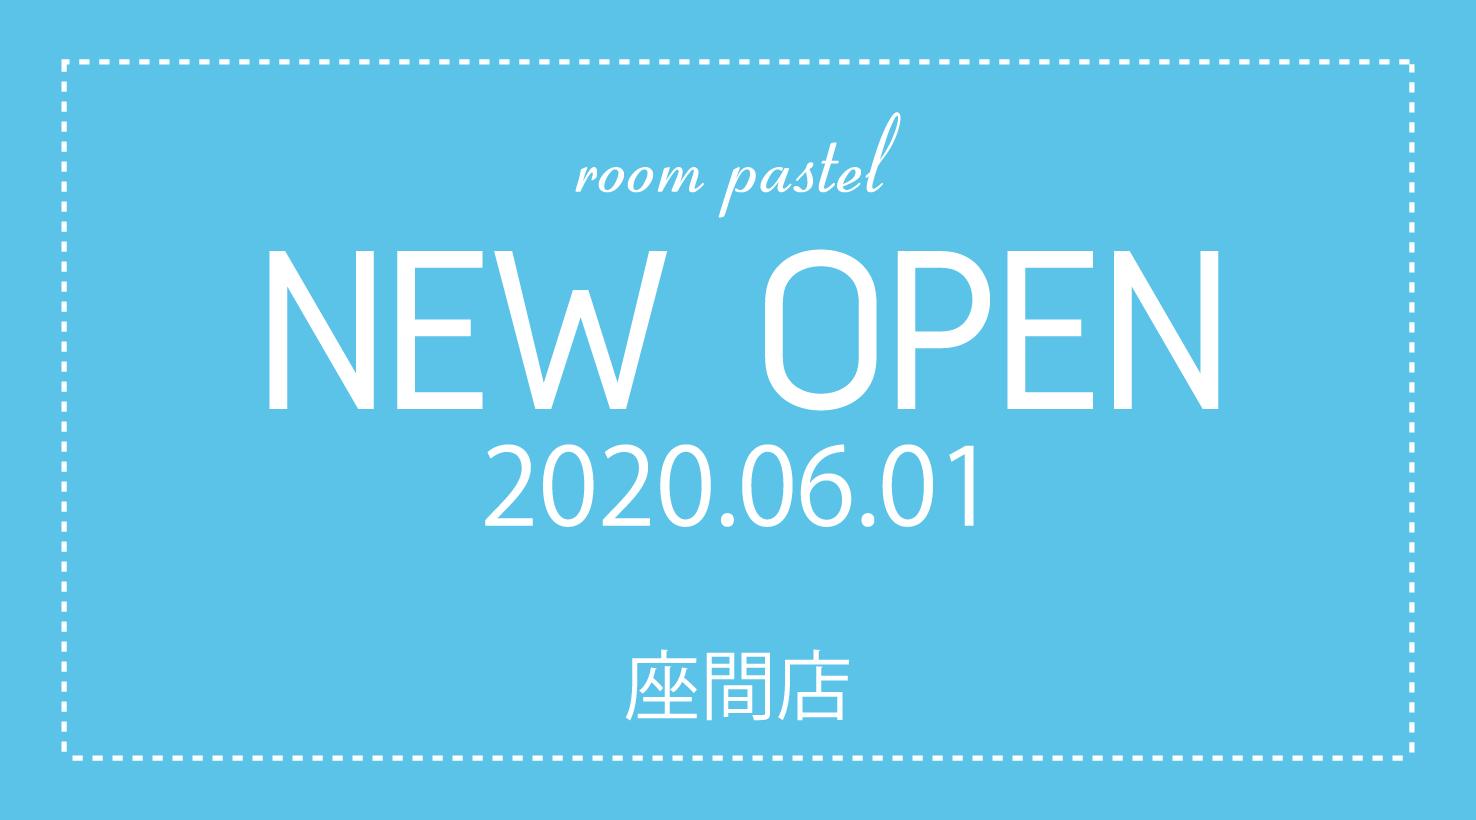 【神奈川県】ルームパステル座間店NEWオープン